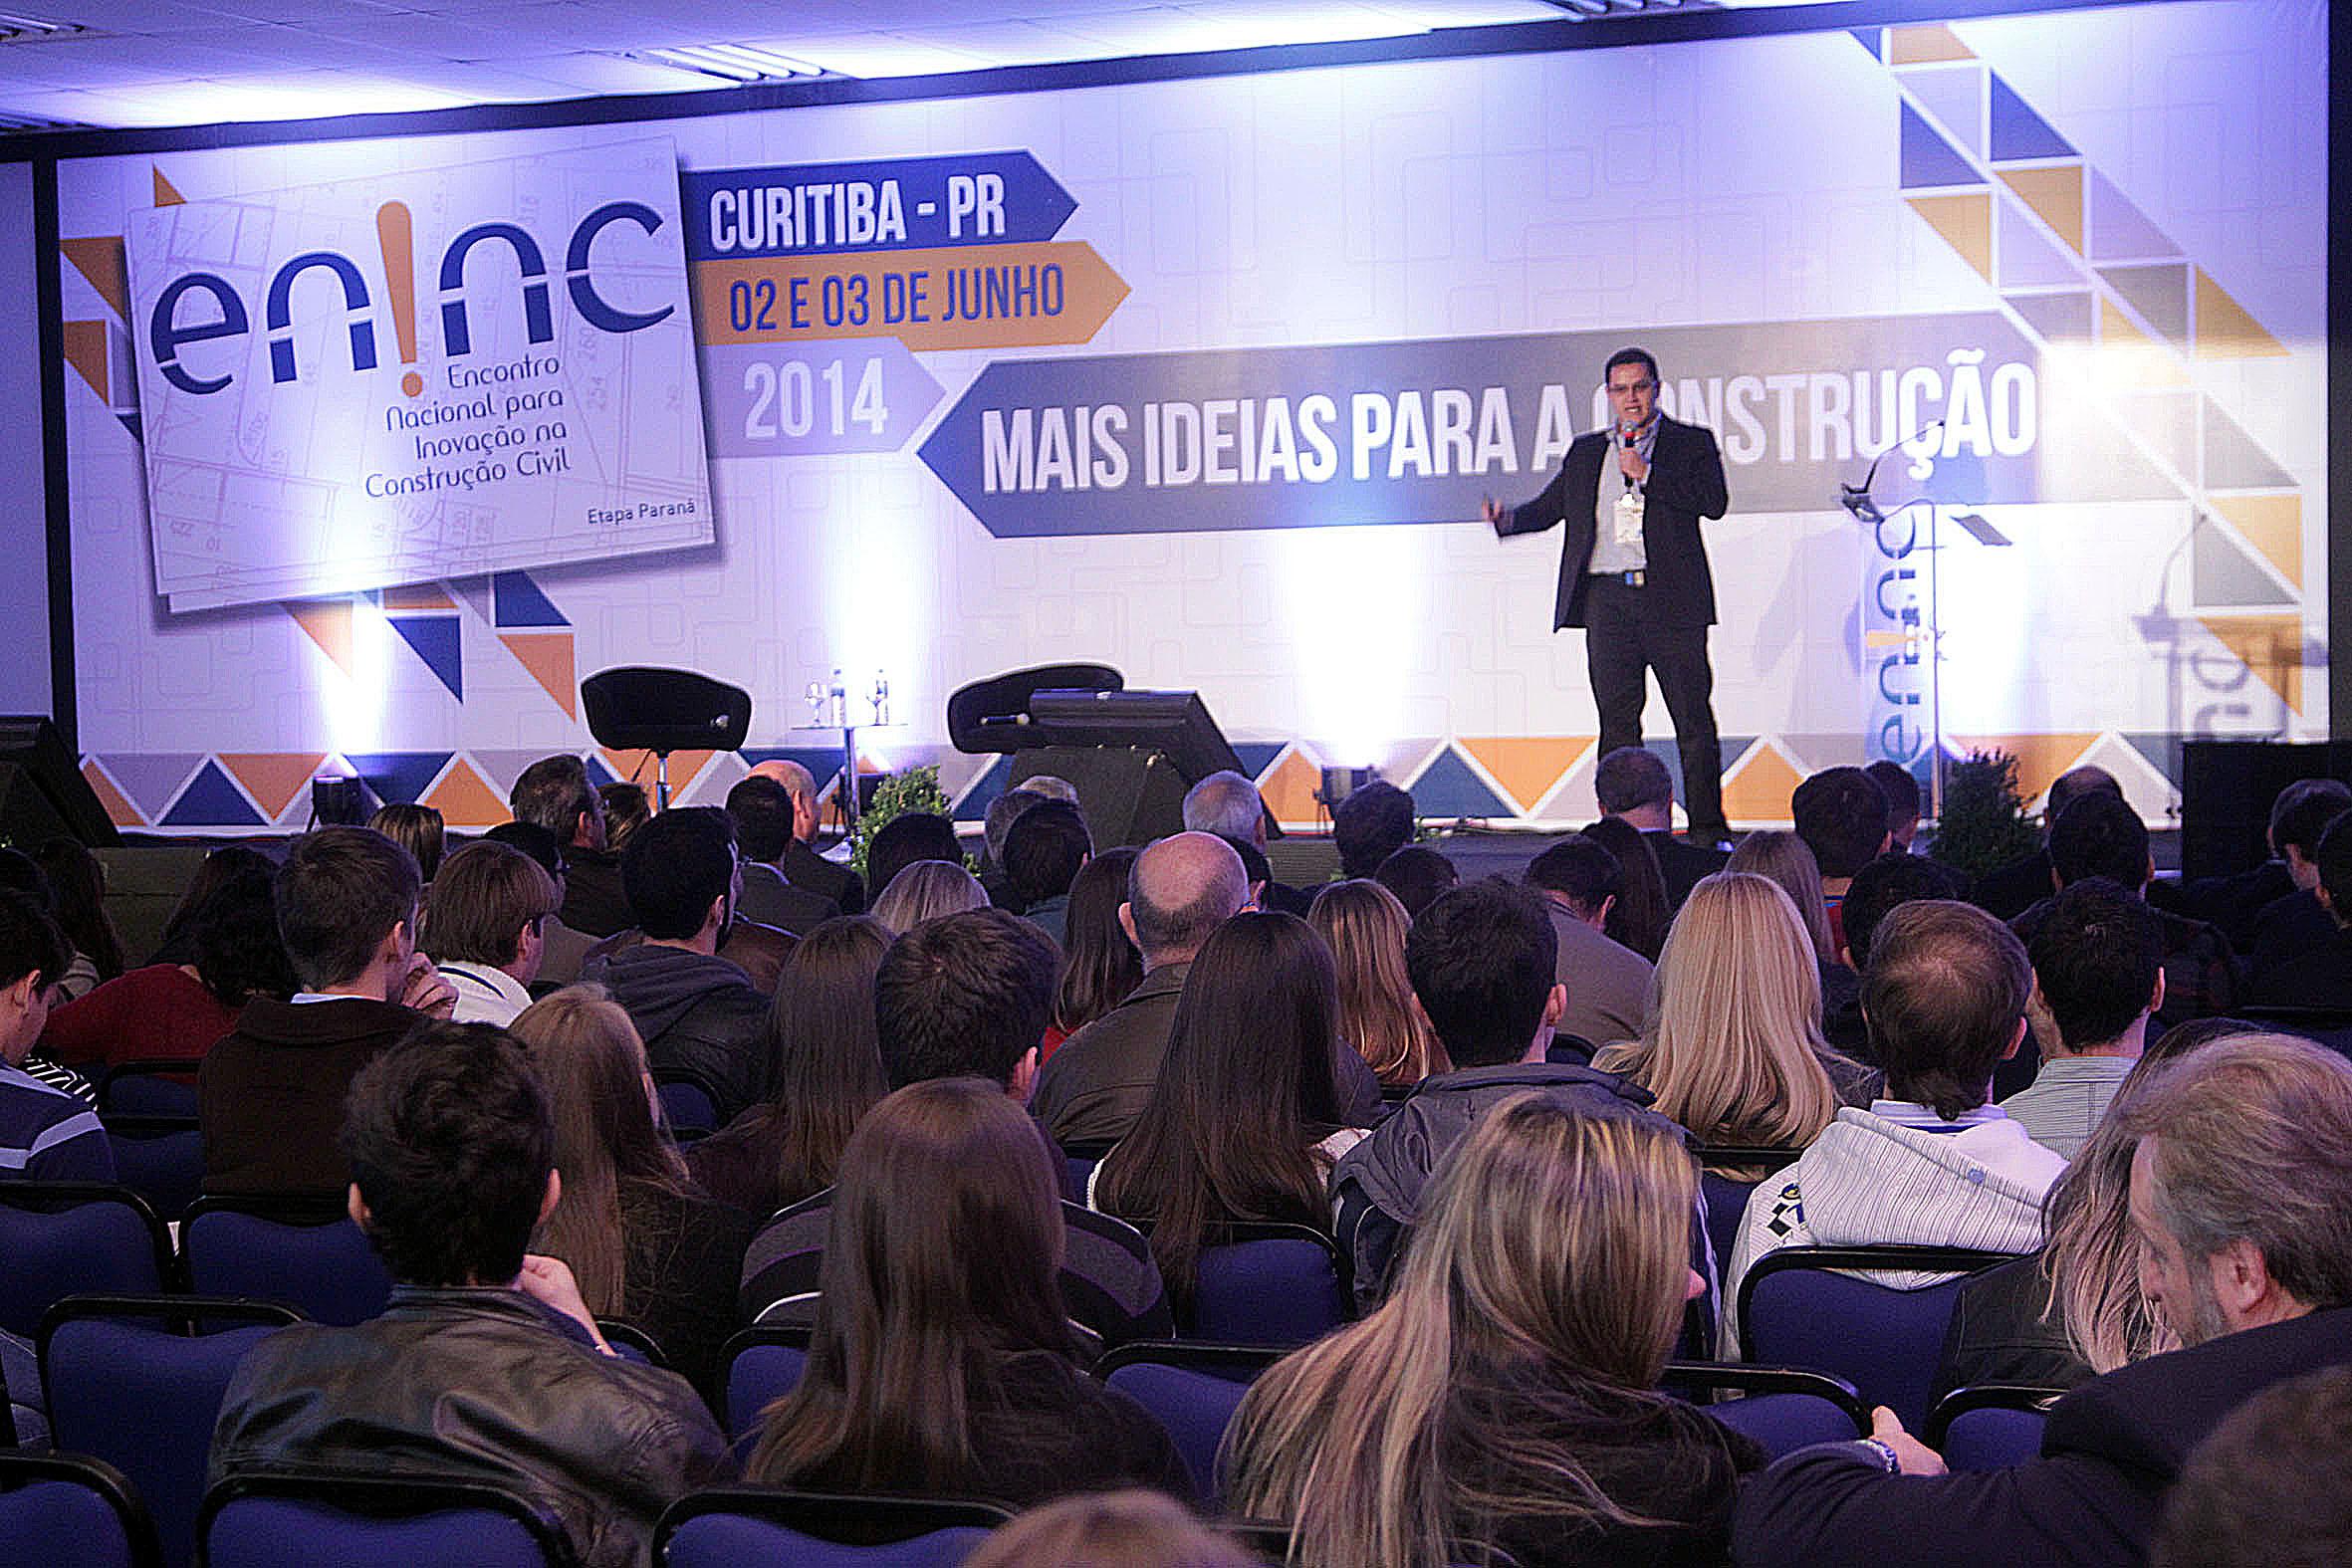 Engenheiro Phil Williams, no ENINC: Curitiba é uma das cidades que mais seguem os protocolos de sustentabilidade